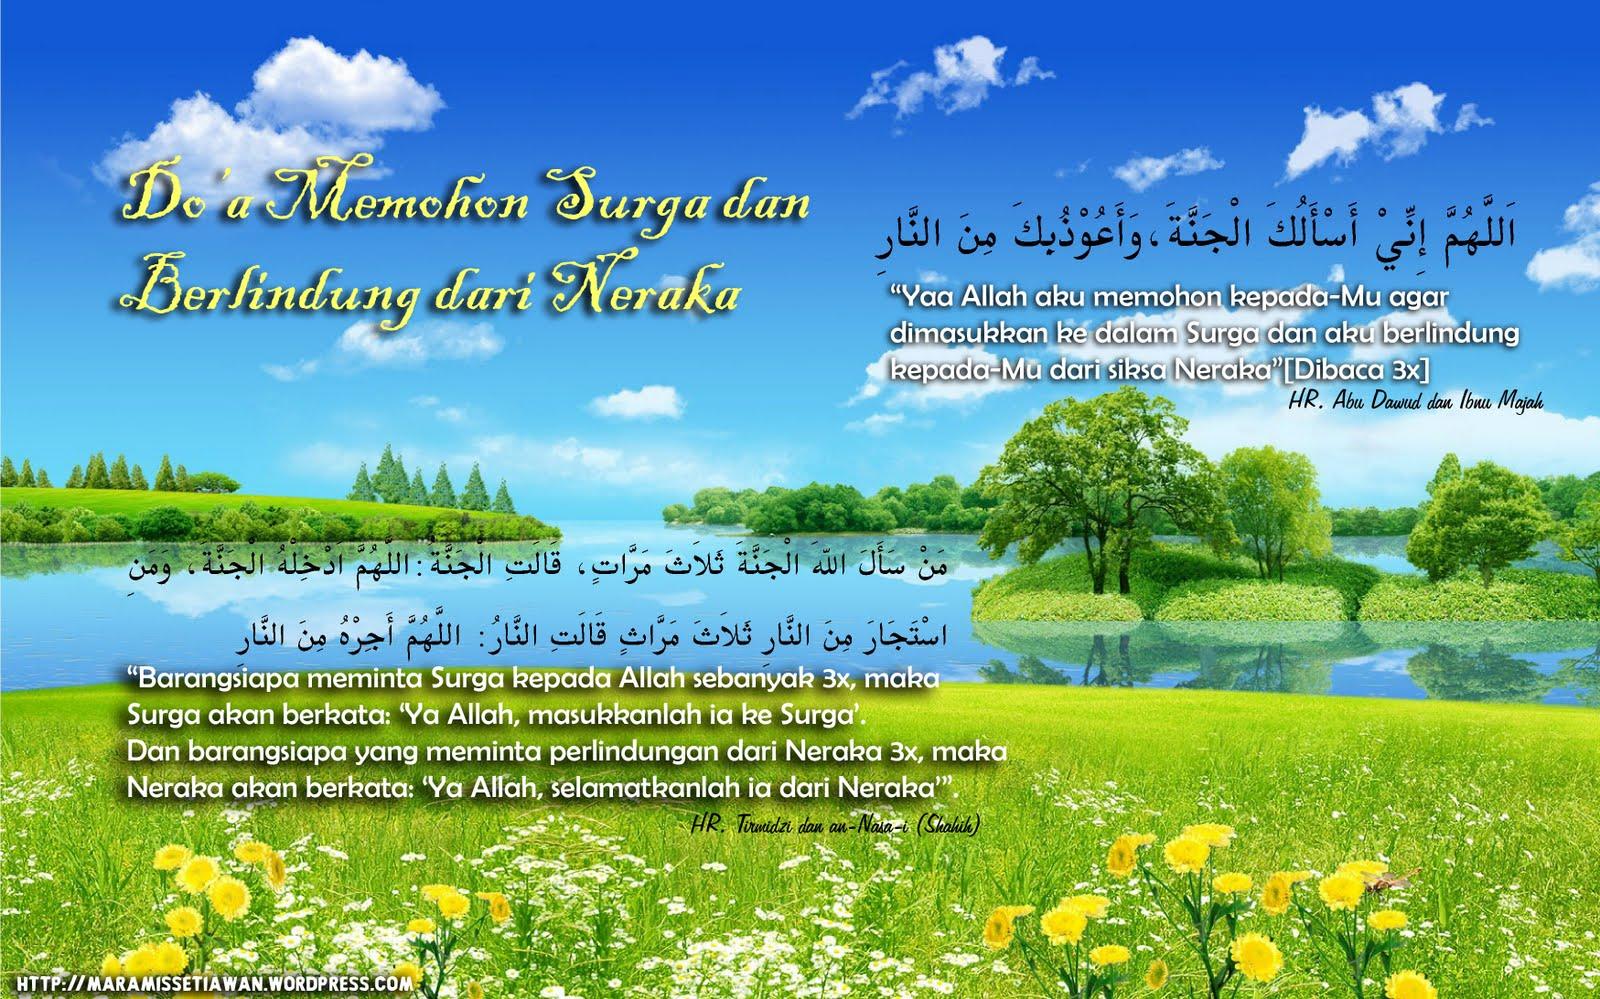 http://3.bp.blogspot.com/-wqMd533z52U/TbzPKZyALVI/AAAAAAAAAC4/iFZgN8VzIzg/s1600/doa-memohon-surga2.jpg